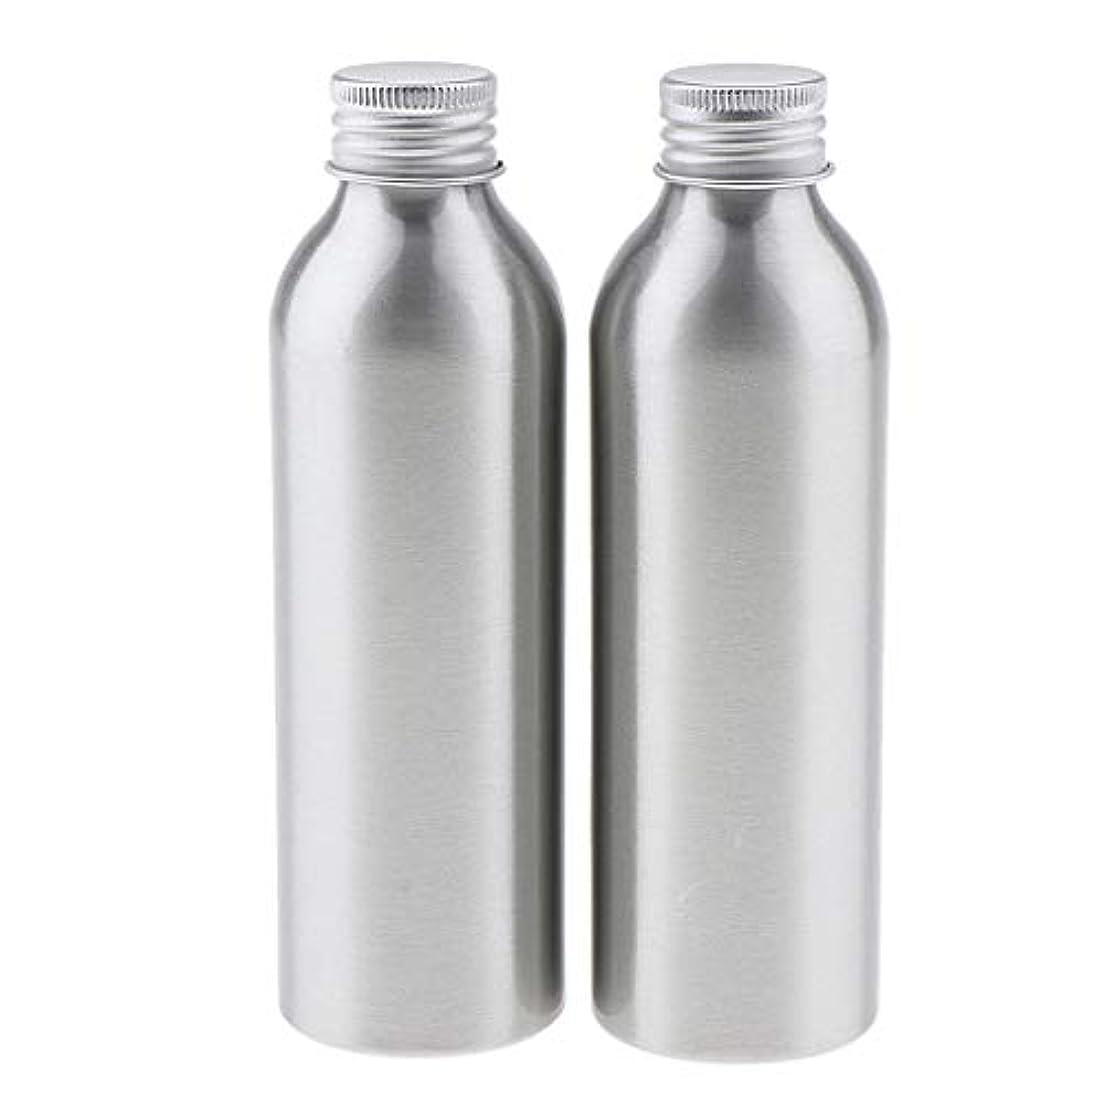 宗教チャーミング売るディスペンサーボトル 空ボトル アルミボトル 化粧品ボトル 詰替え容器 広い口 防錆 全5サイズ - 150ml